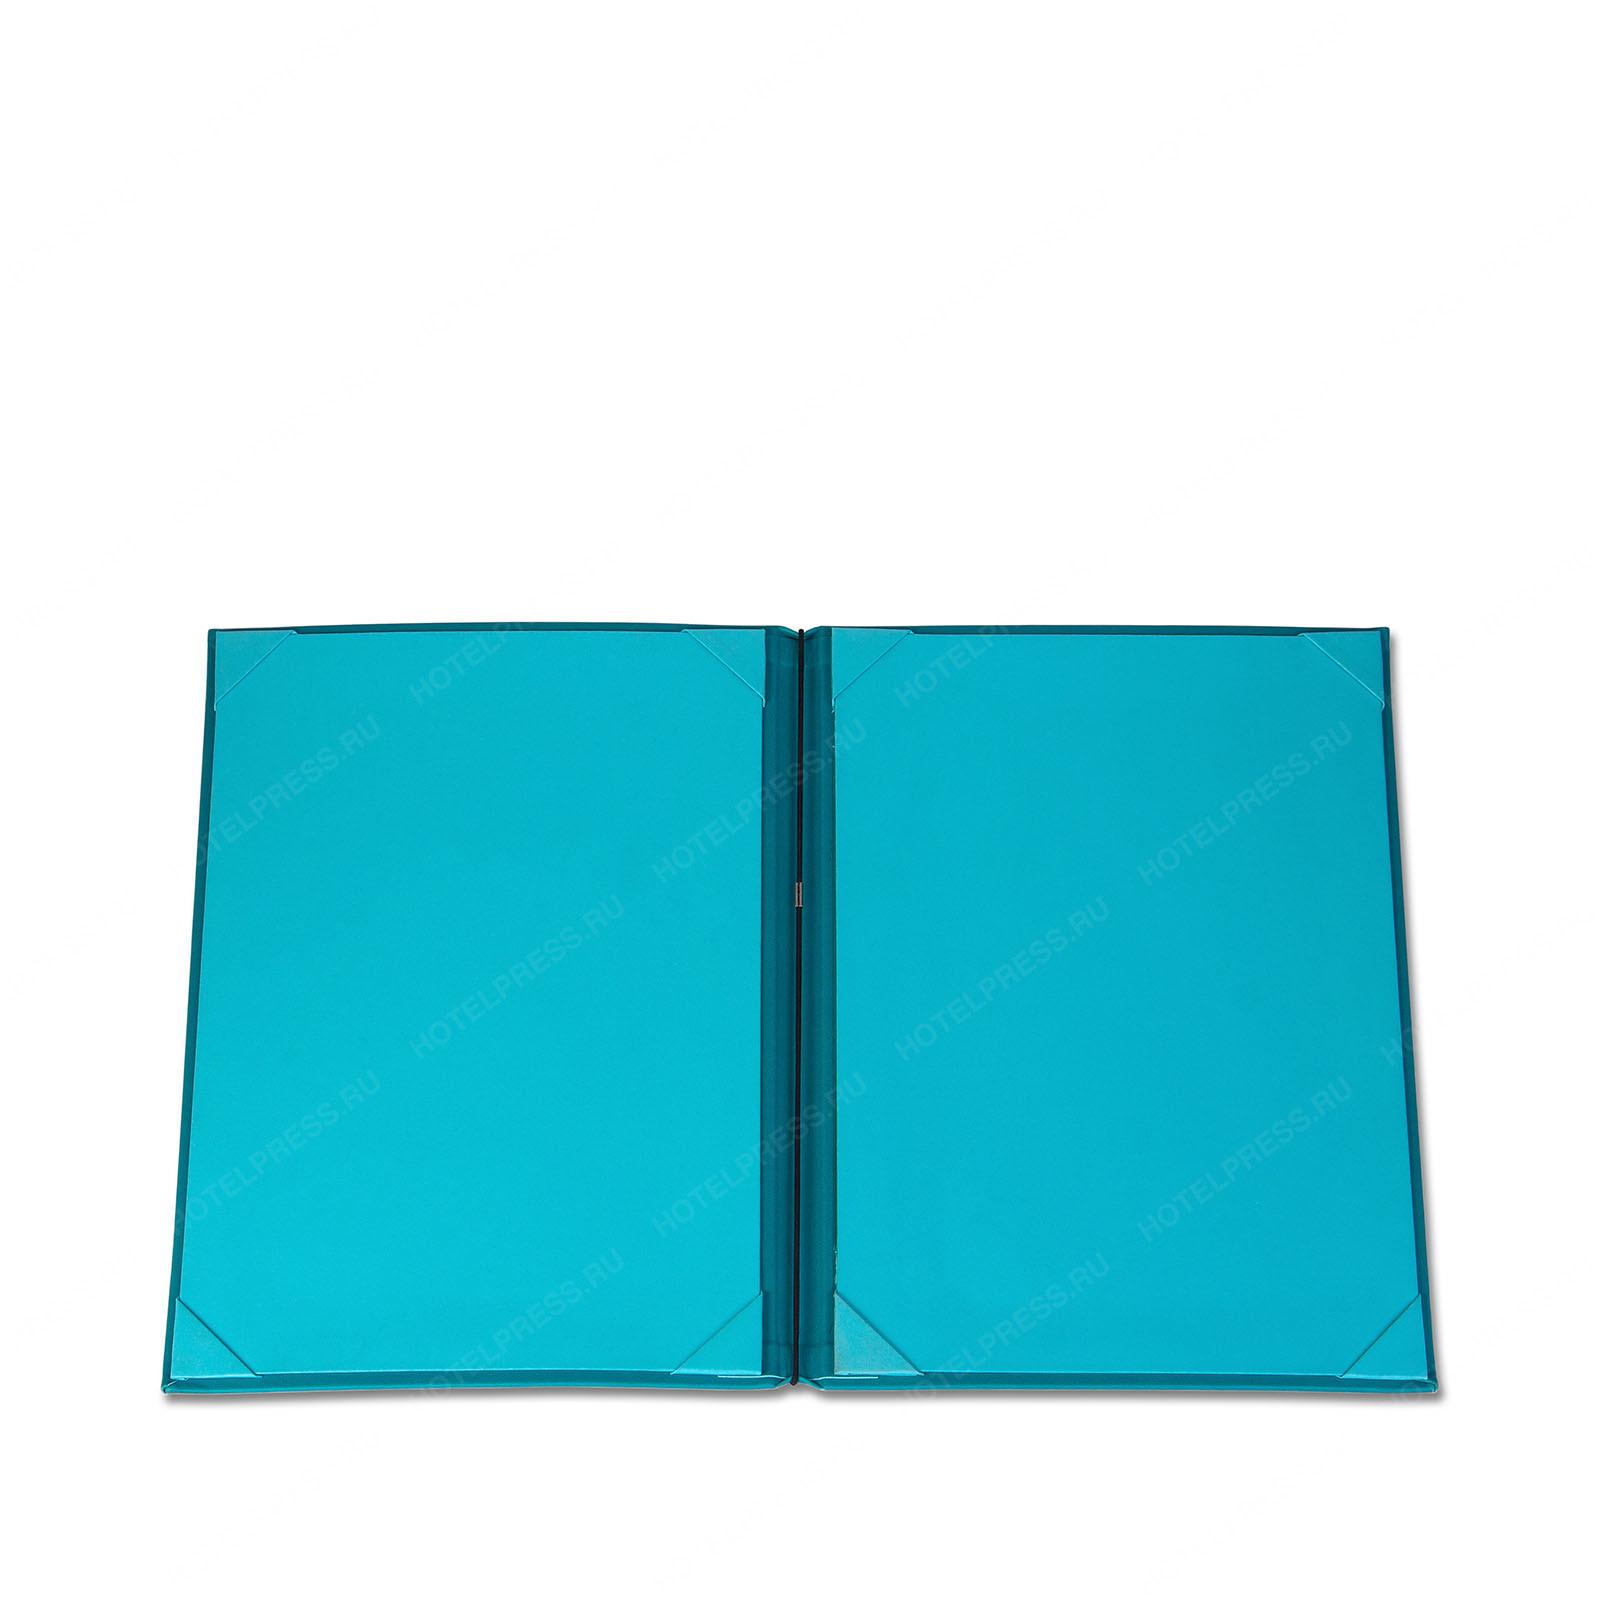 Папка салона красоты с креплением прайса на резинках и карманами для спецпредложений